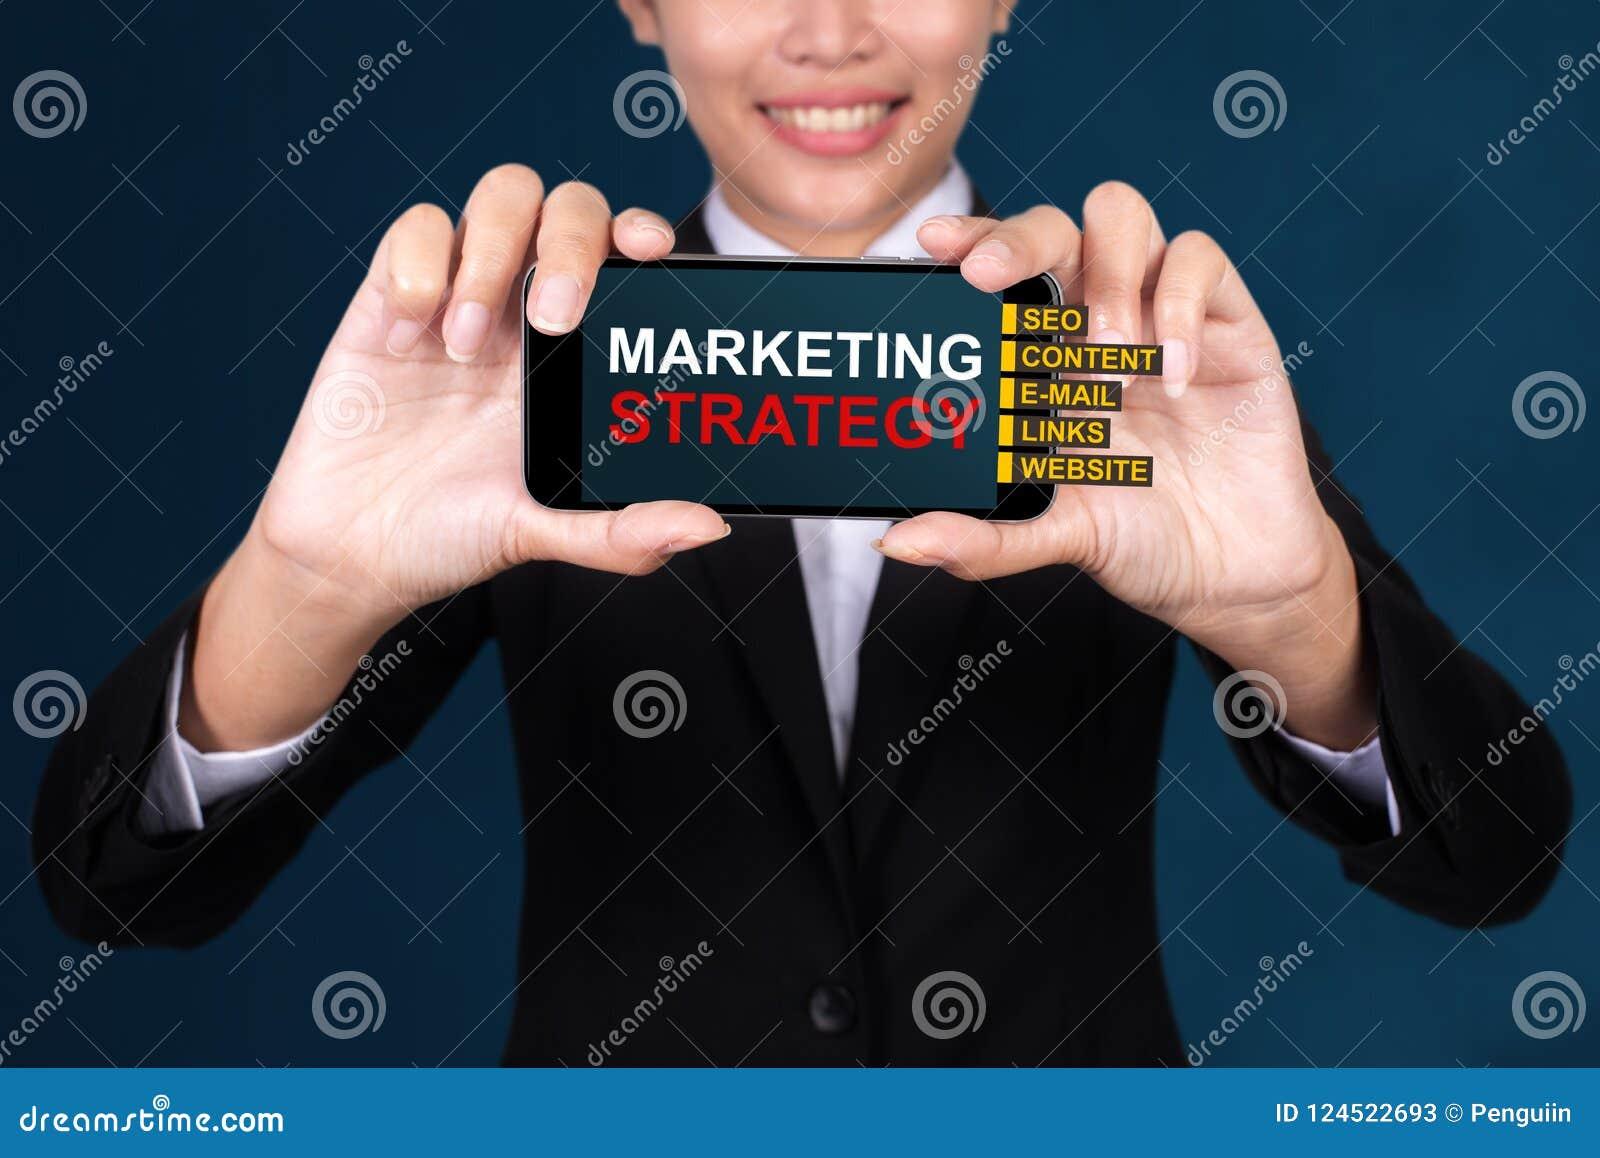 Marketingstrategiekonzept, glücklicher Geschäftsfrau Show-Textmarkt